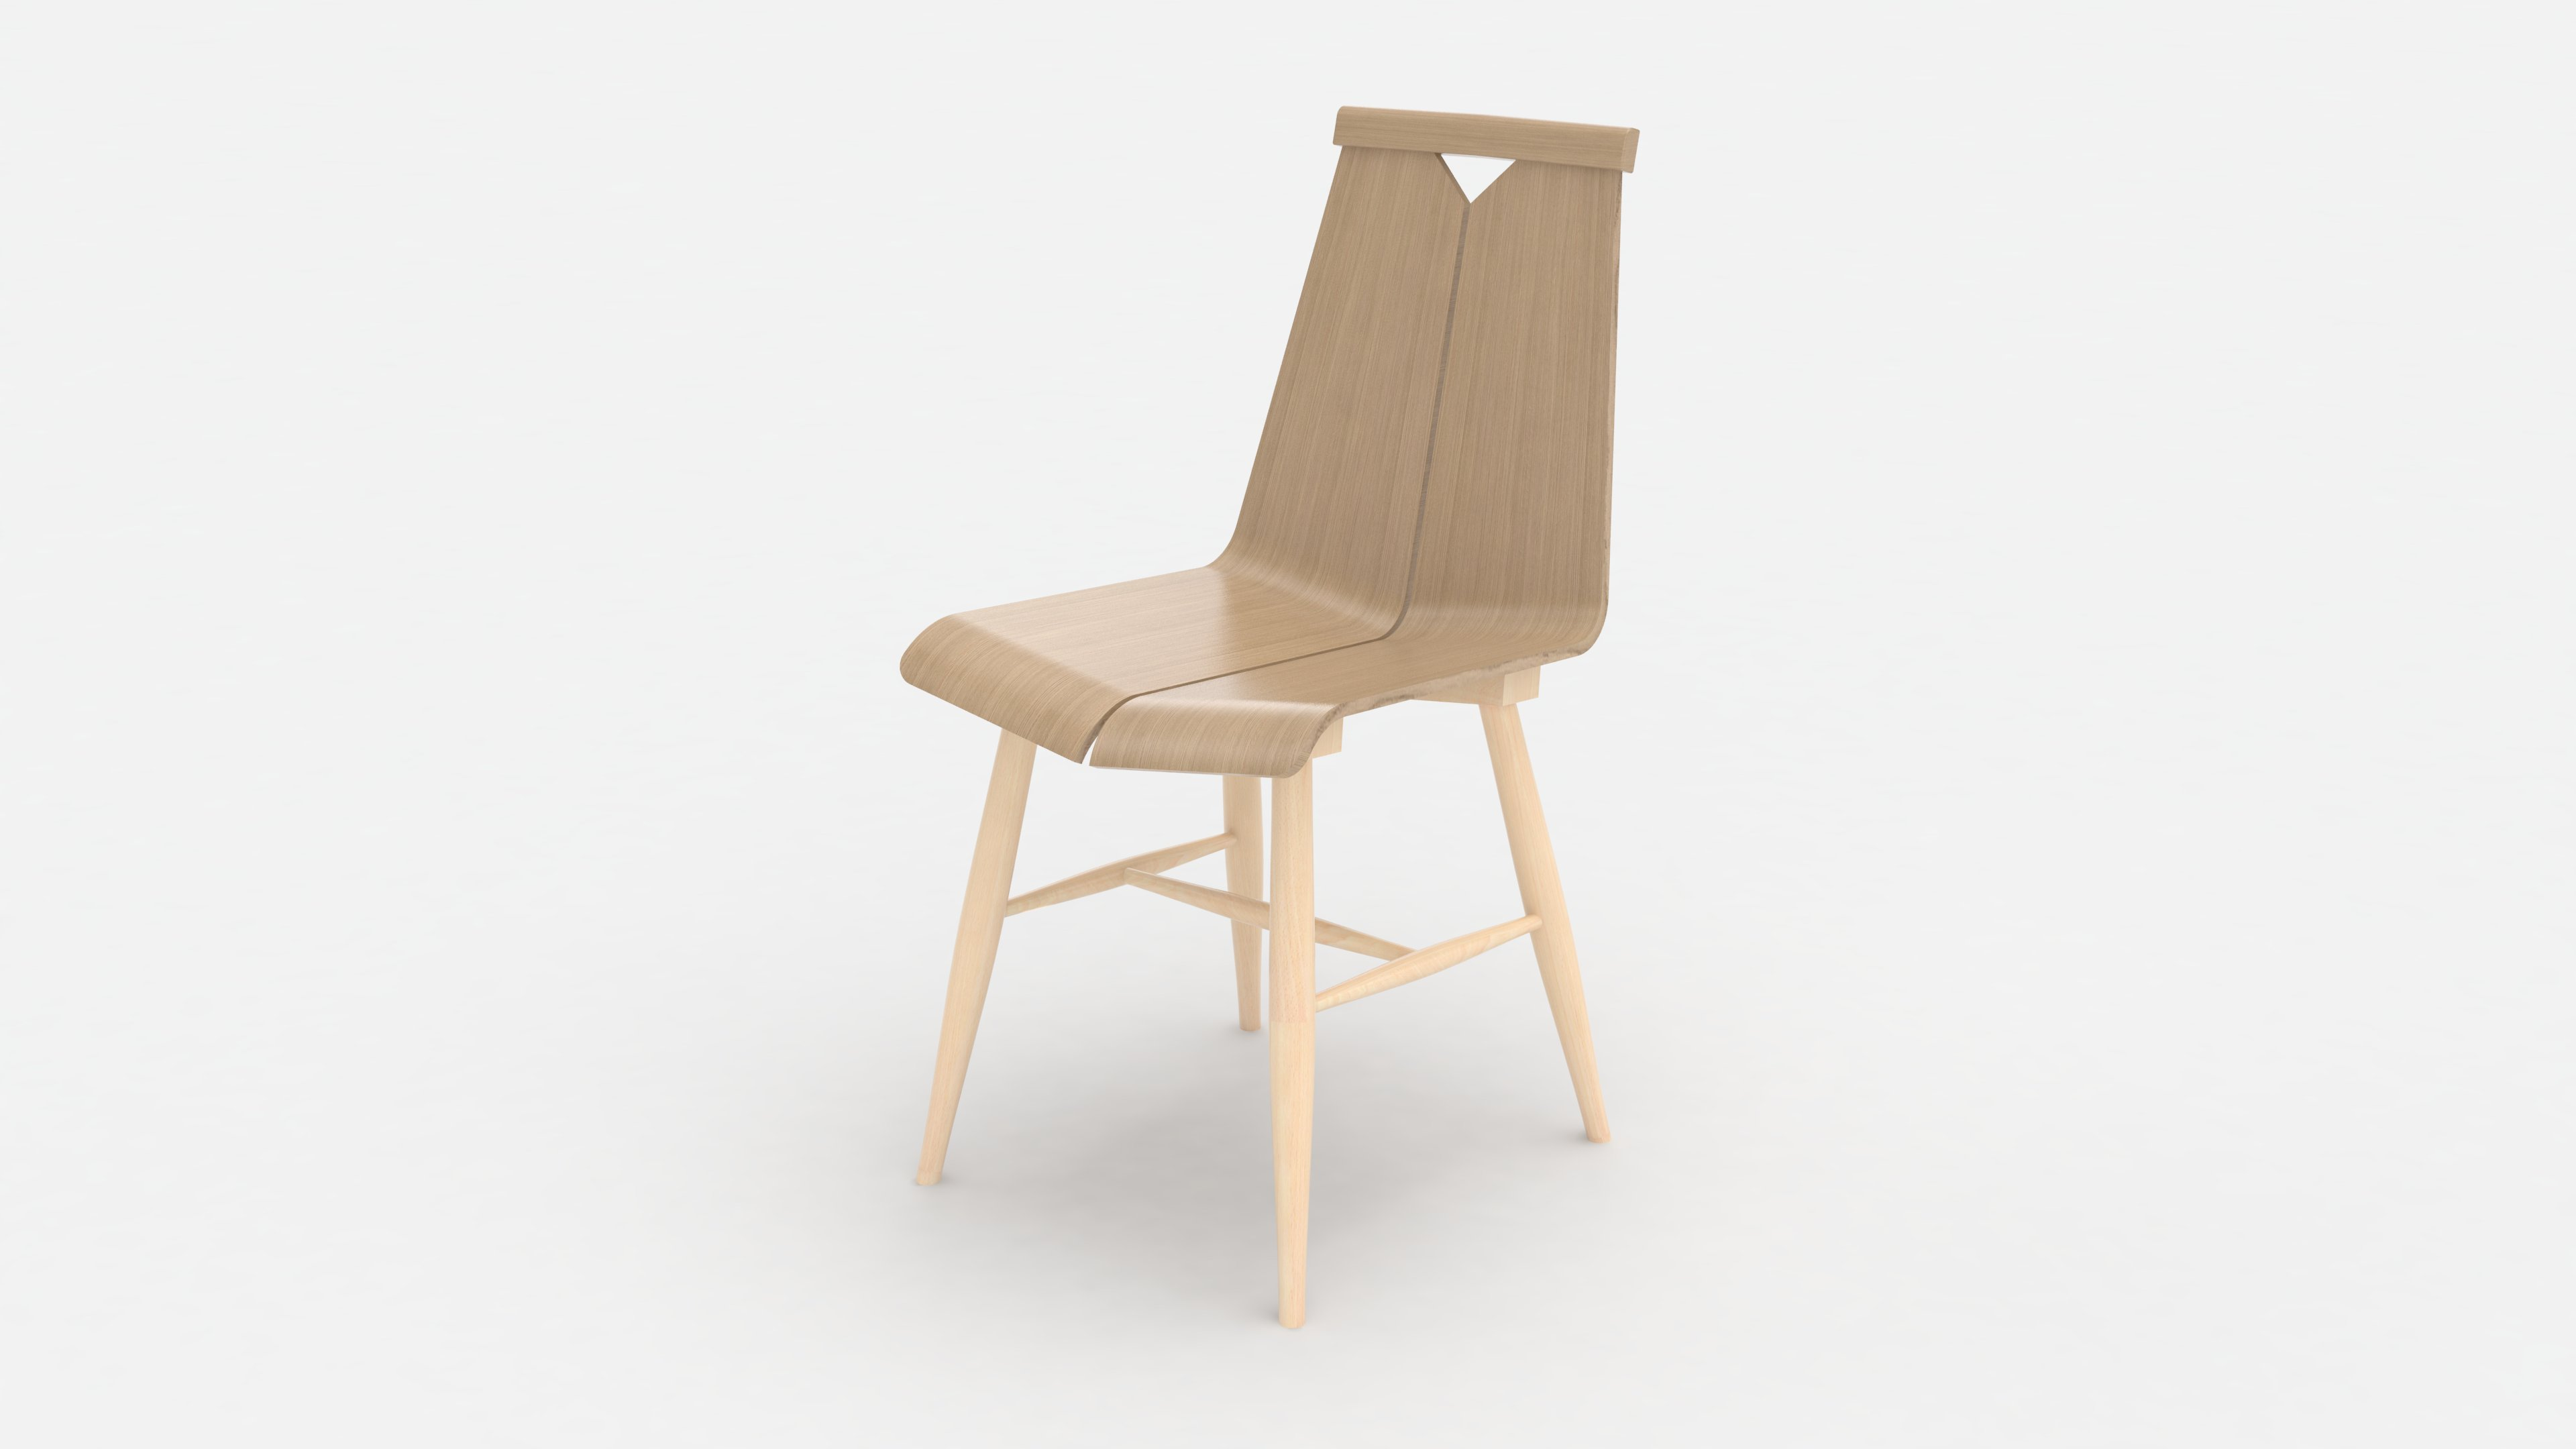 1960 Chair – Design from Scandinavia